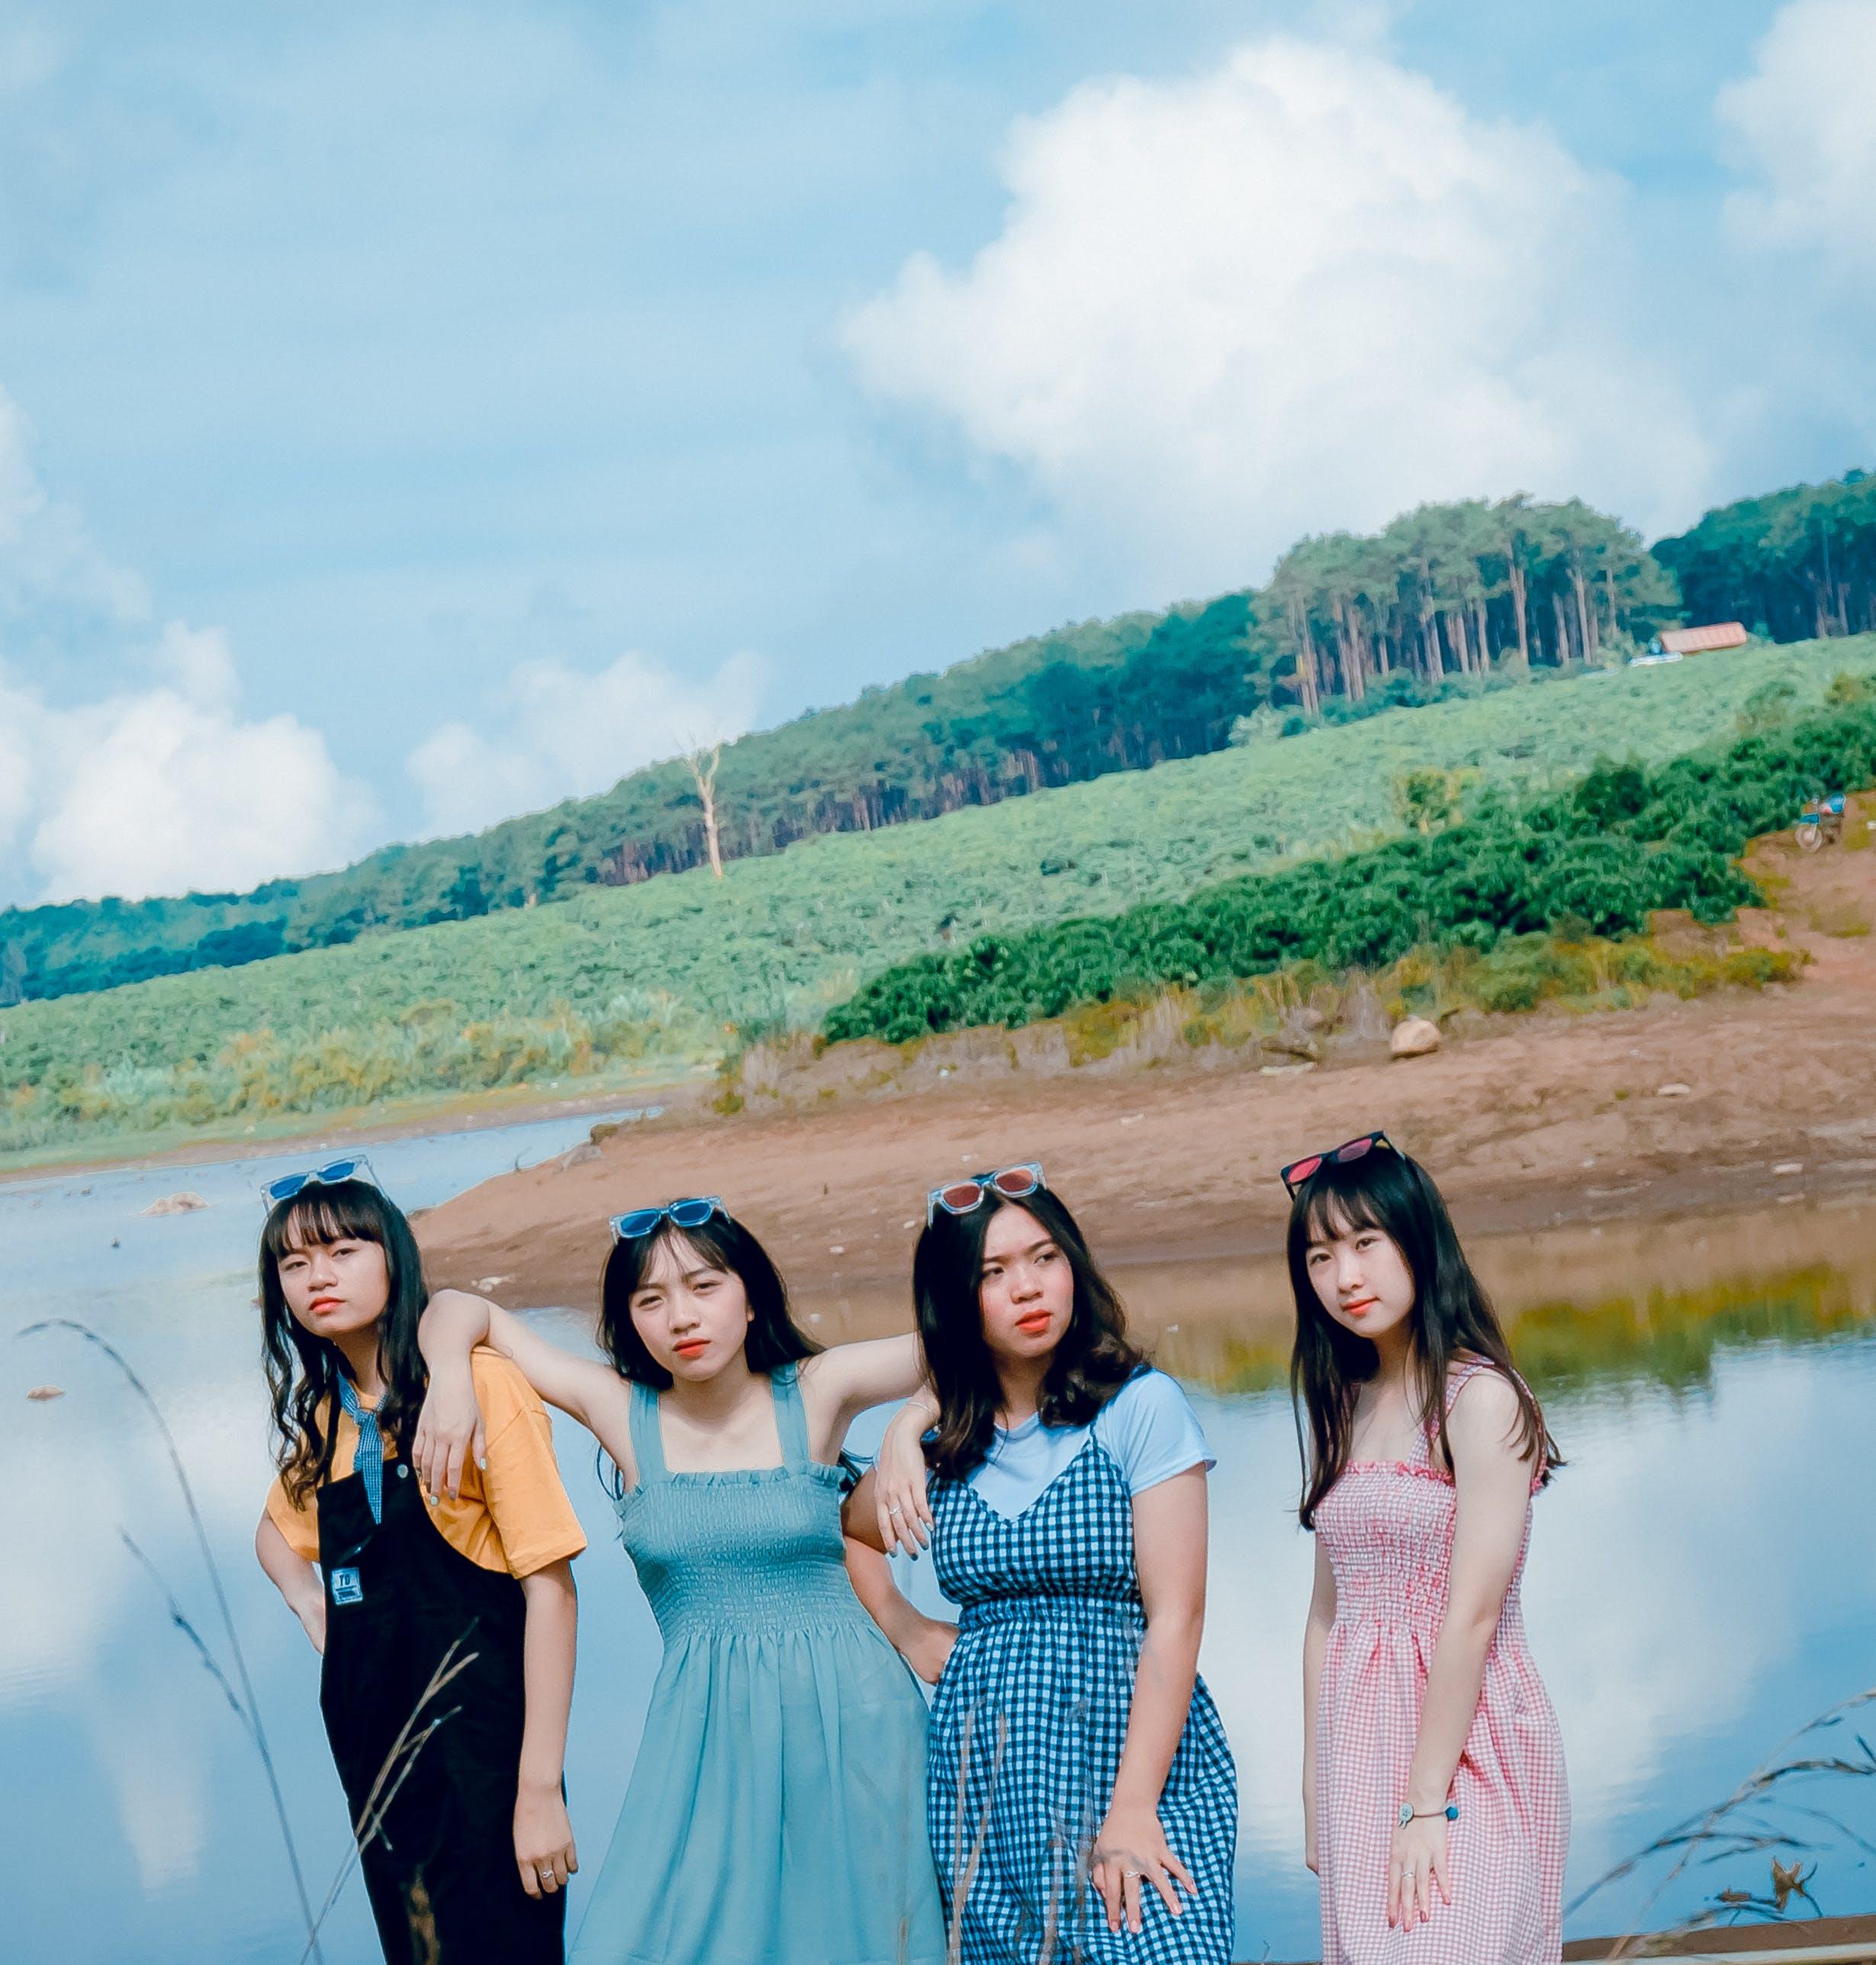 Gratis lagerfoto af asiatiske piger, folk, kvinder, piger